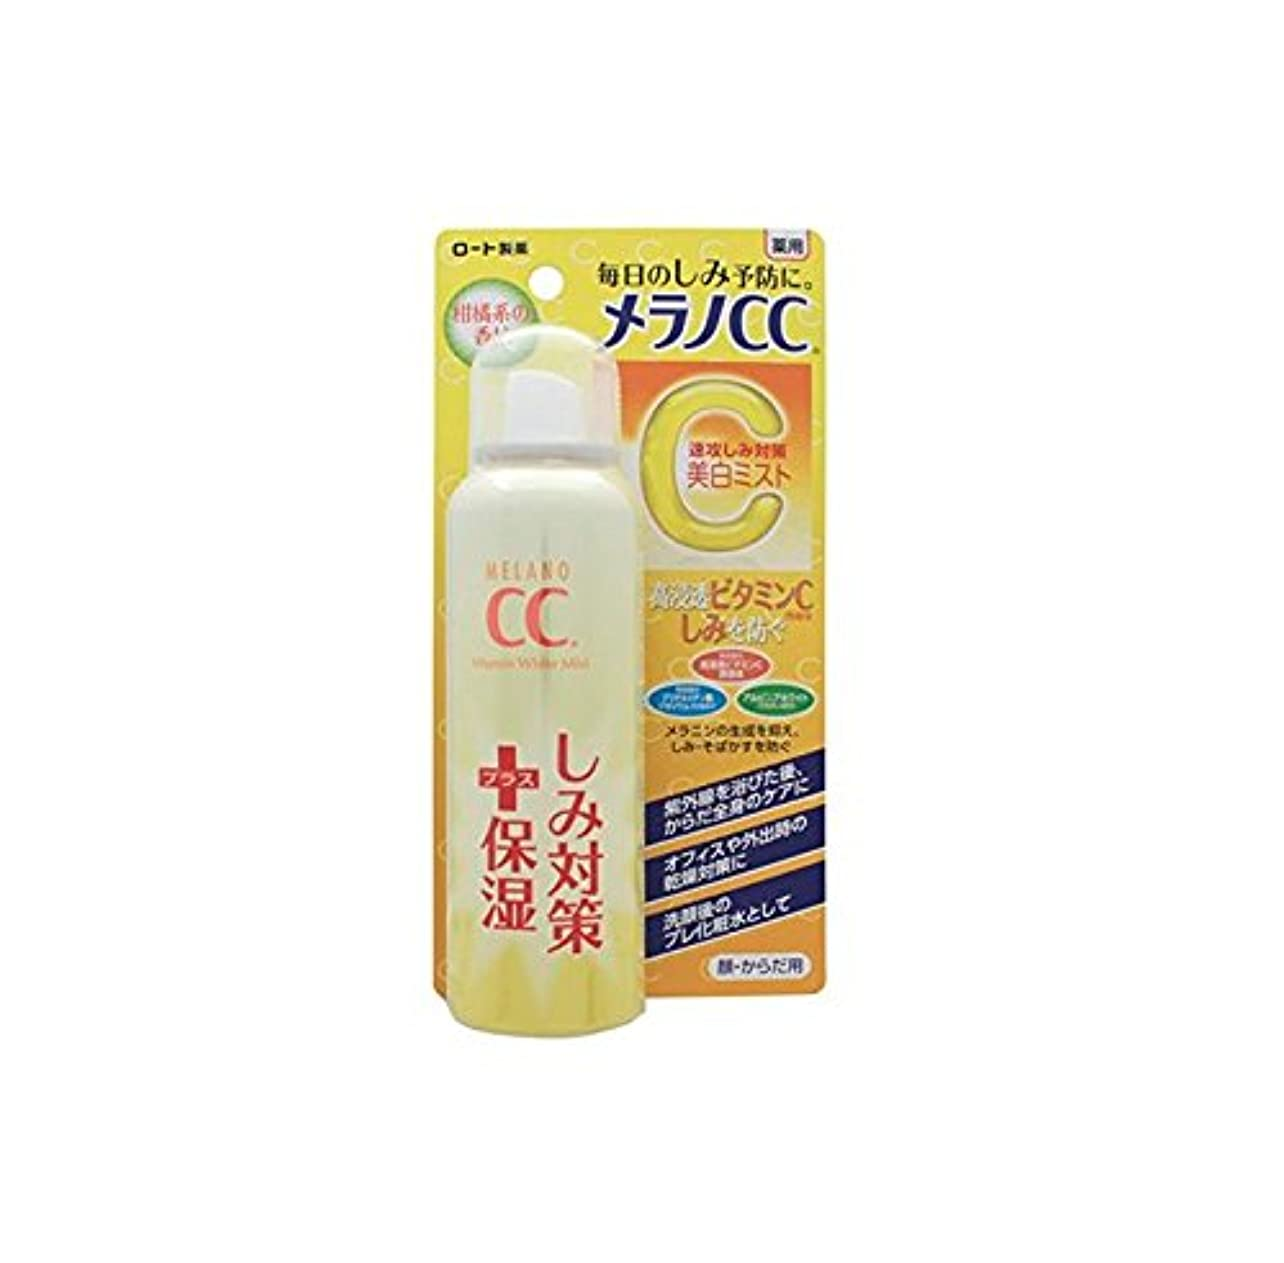 唯一政治のれんメラノCC 薬用しみ対策 美白ミスト化粧水 100g【医薬部外品】